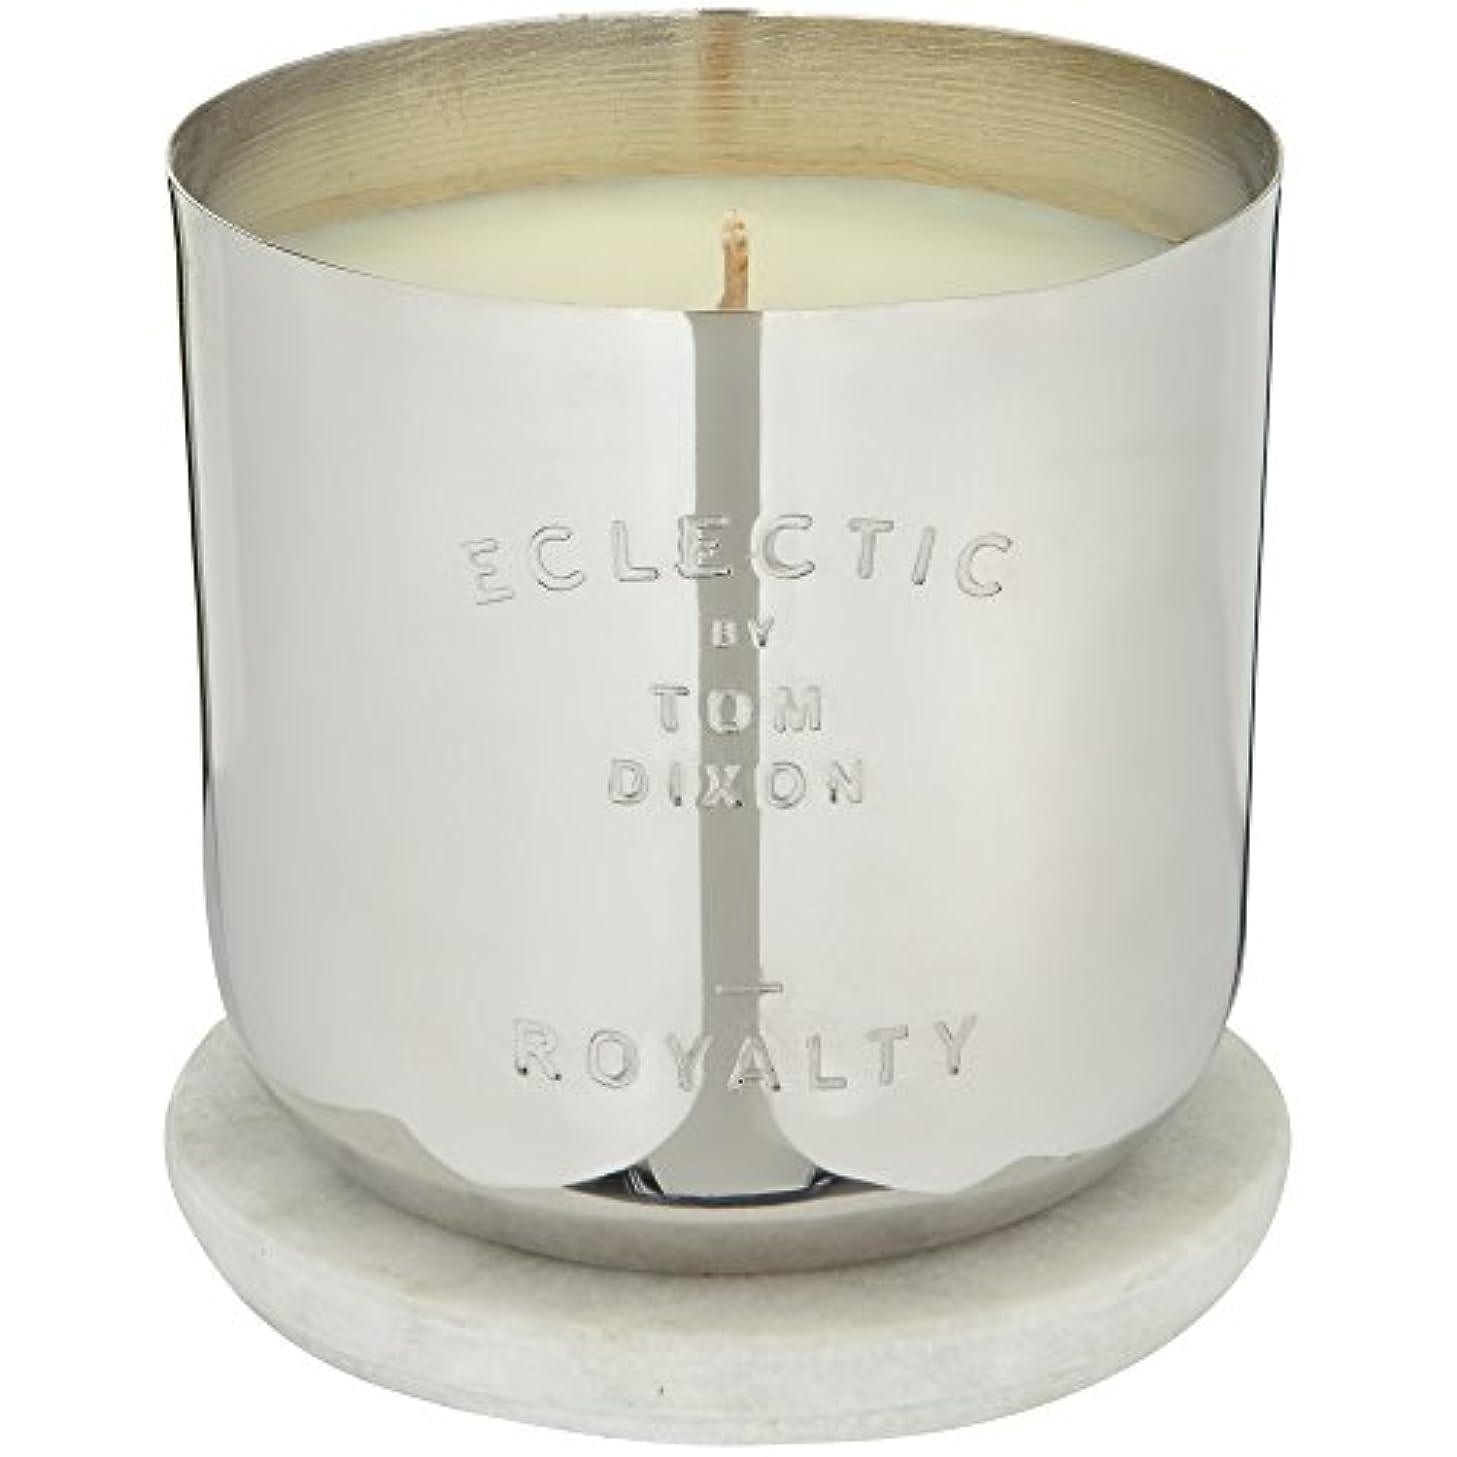 トム?ディクソンロイヤリティ香りのキャンドル x6 - Tom Dixon Royalty Scented Candle (Pack of 6) [並行輸入品]